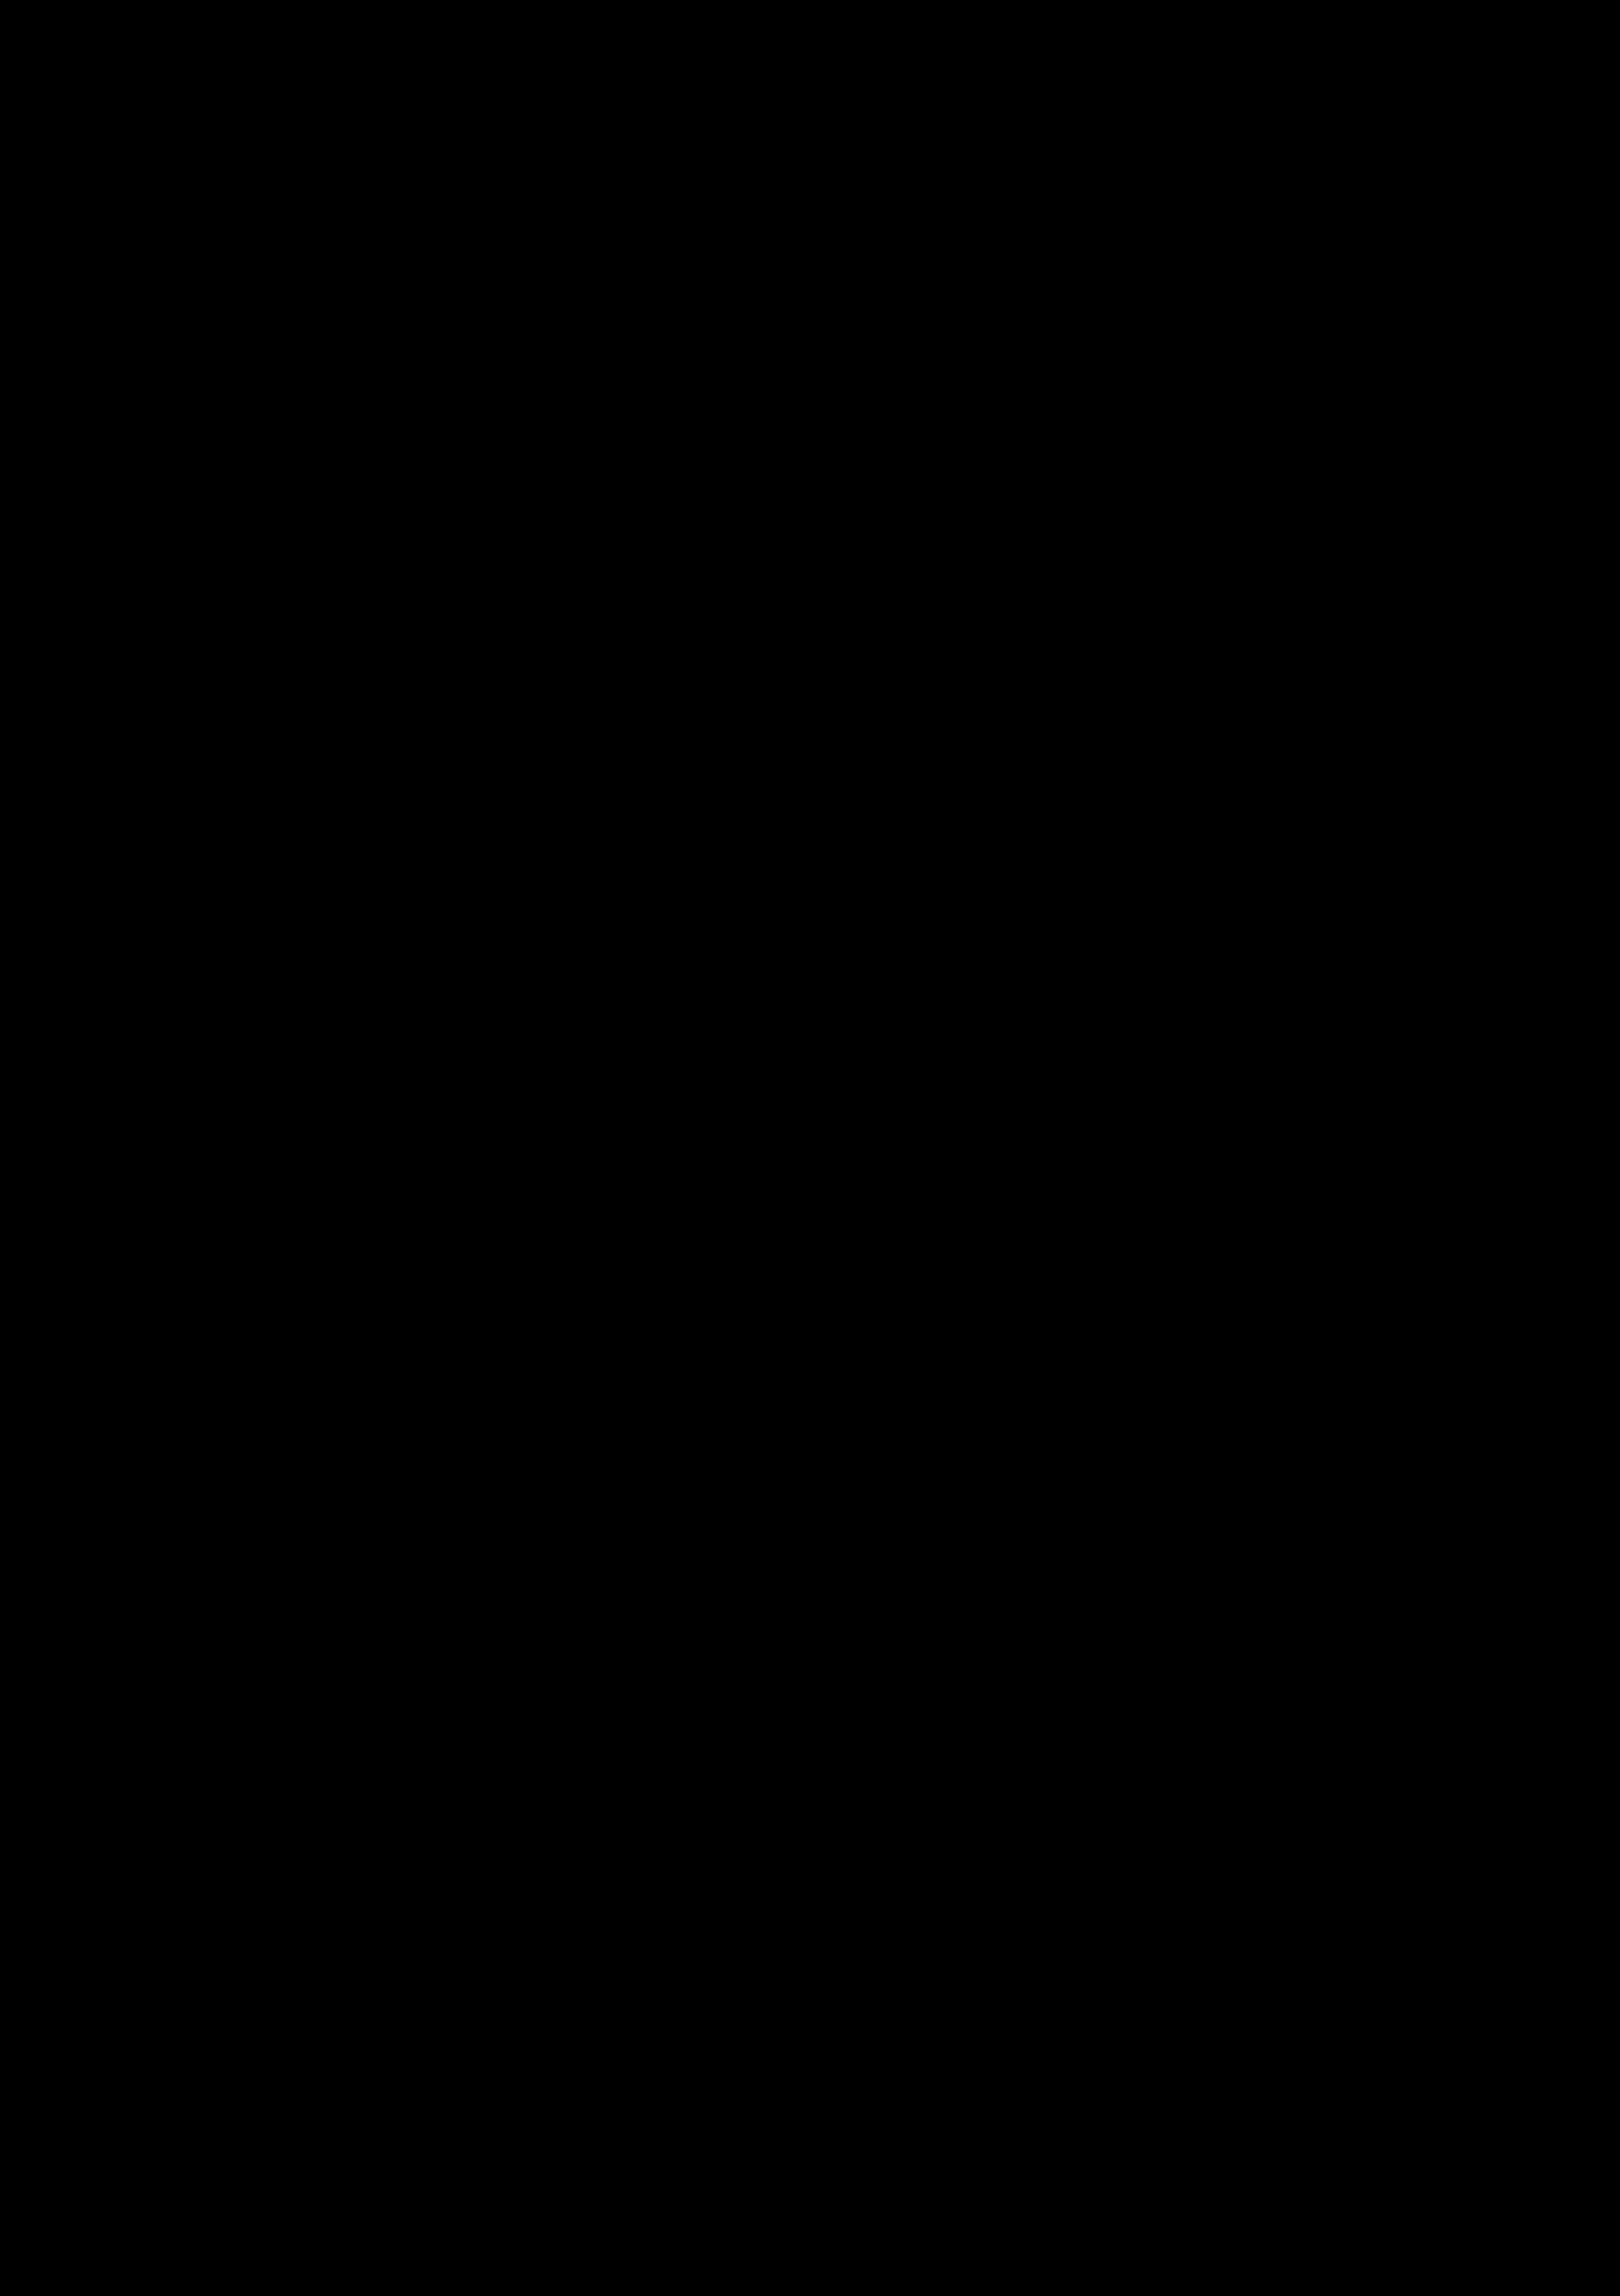 2018 BioInfoSummer